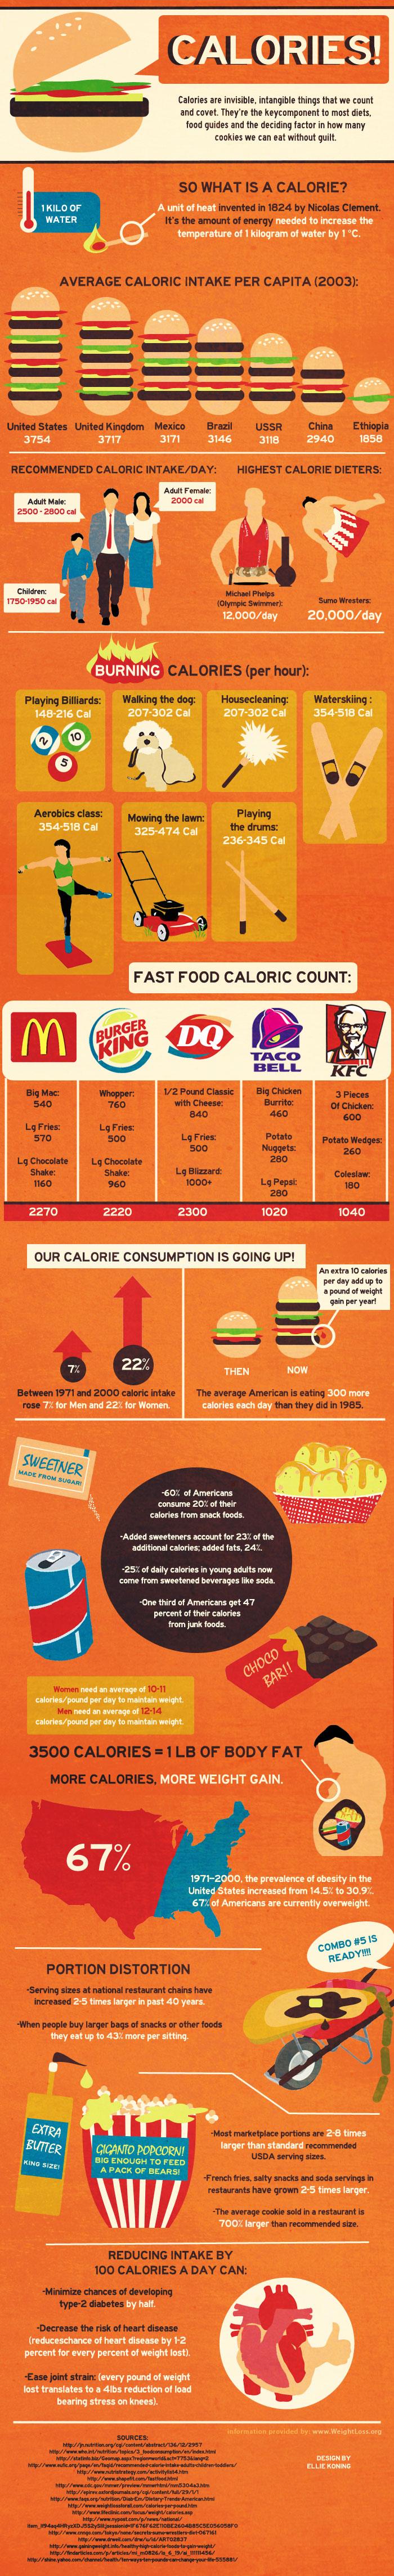 calories.jpg